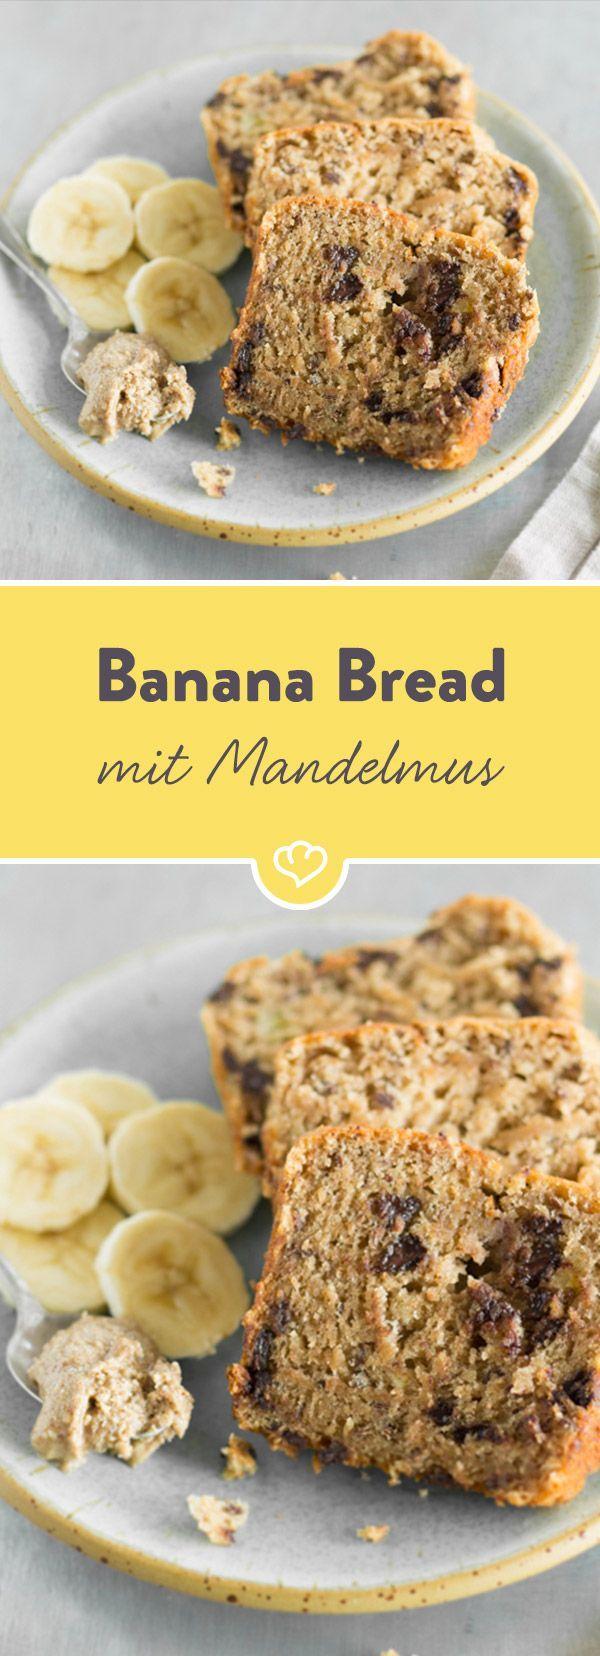 Brot oder Kuchen? Kuchen oder Brot? Dieses Banana Bread mit Mandelmus ist so gut, dass ich es am Morgen und am Abend genieße - mit Schokolade verfeinert.